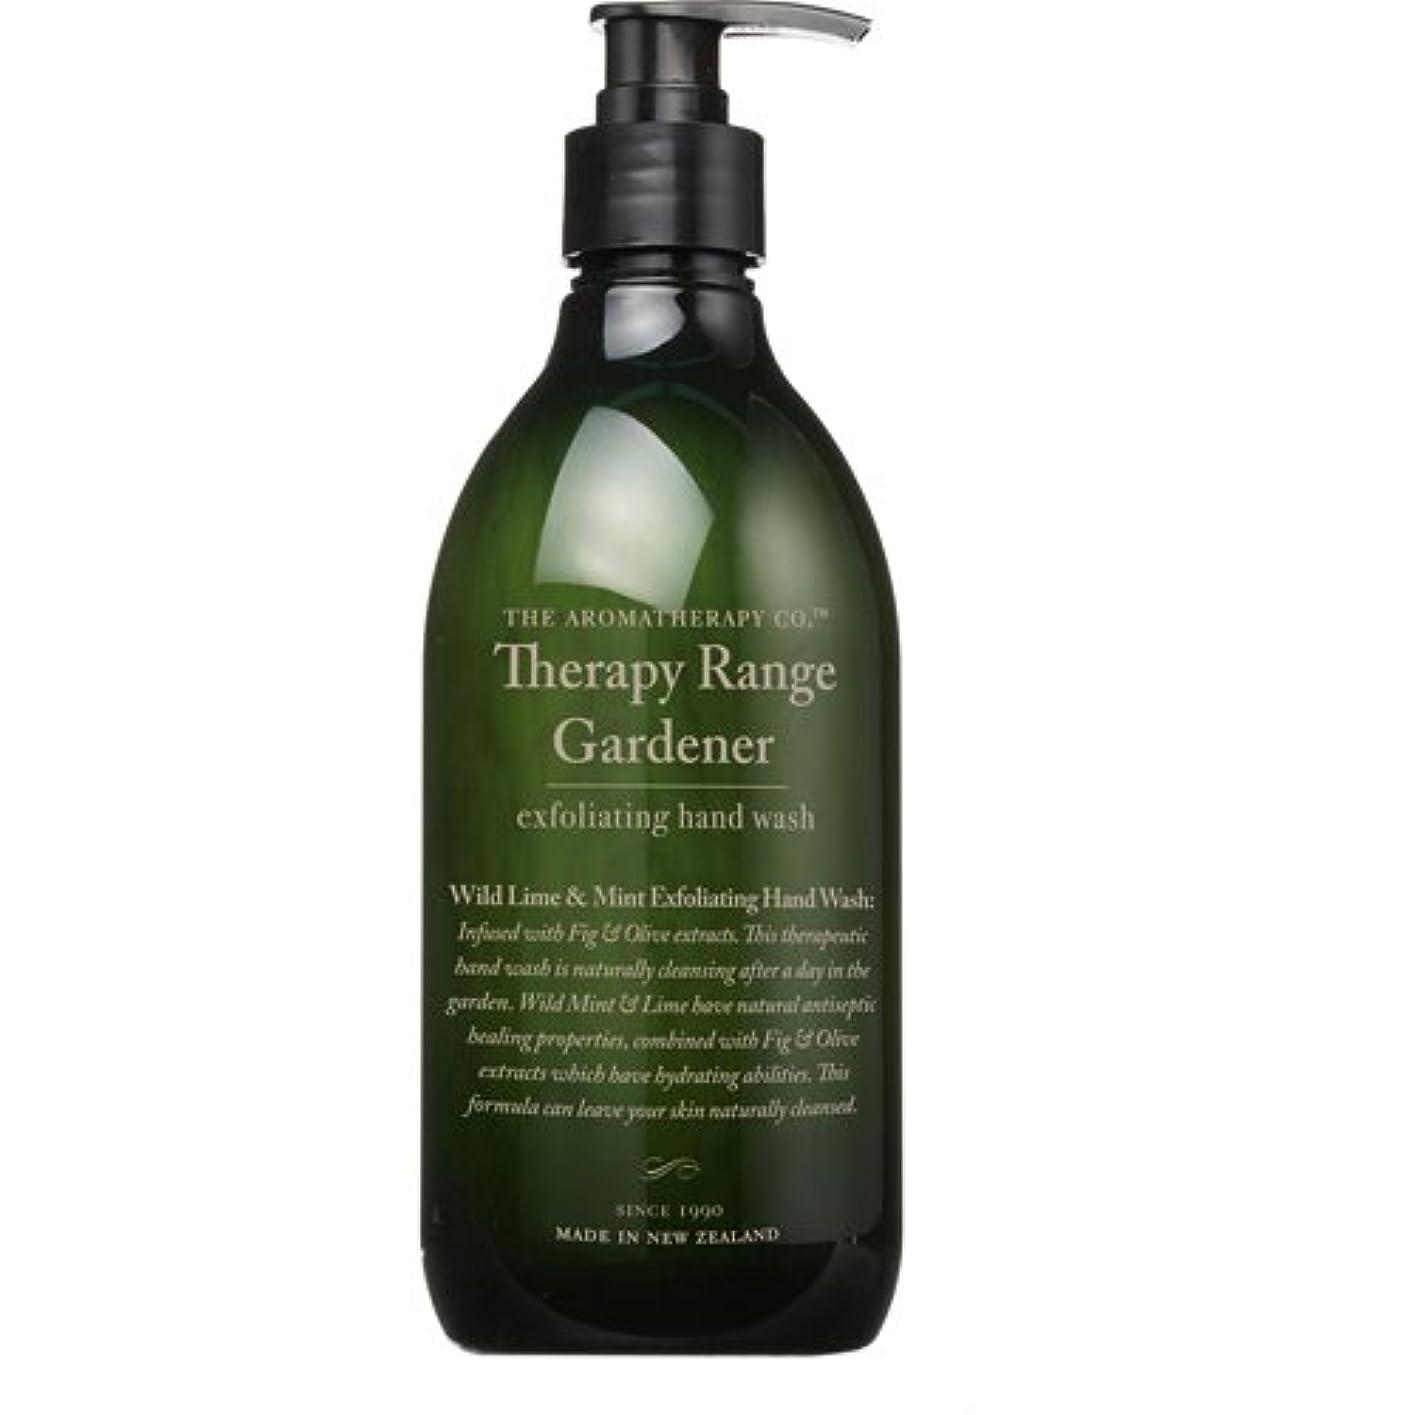 スクラップブック上げるラリーベルモントTherapy Garden セラピーガーデン Hand&Body Wash ハンド&ボディウォッシュ